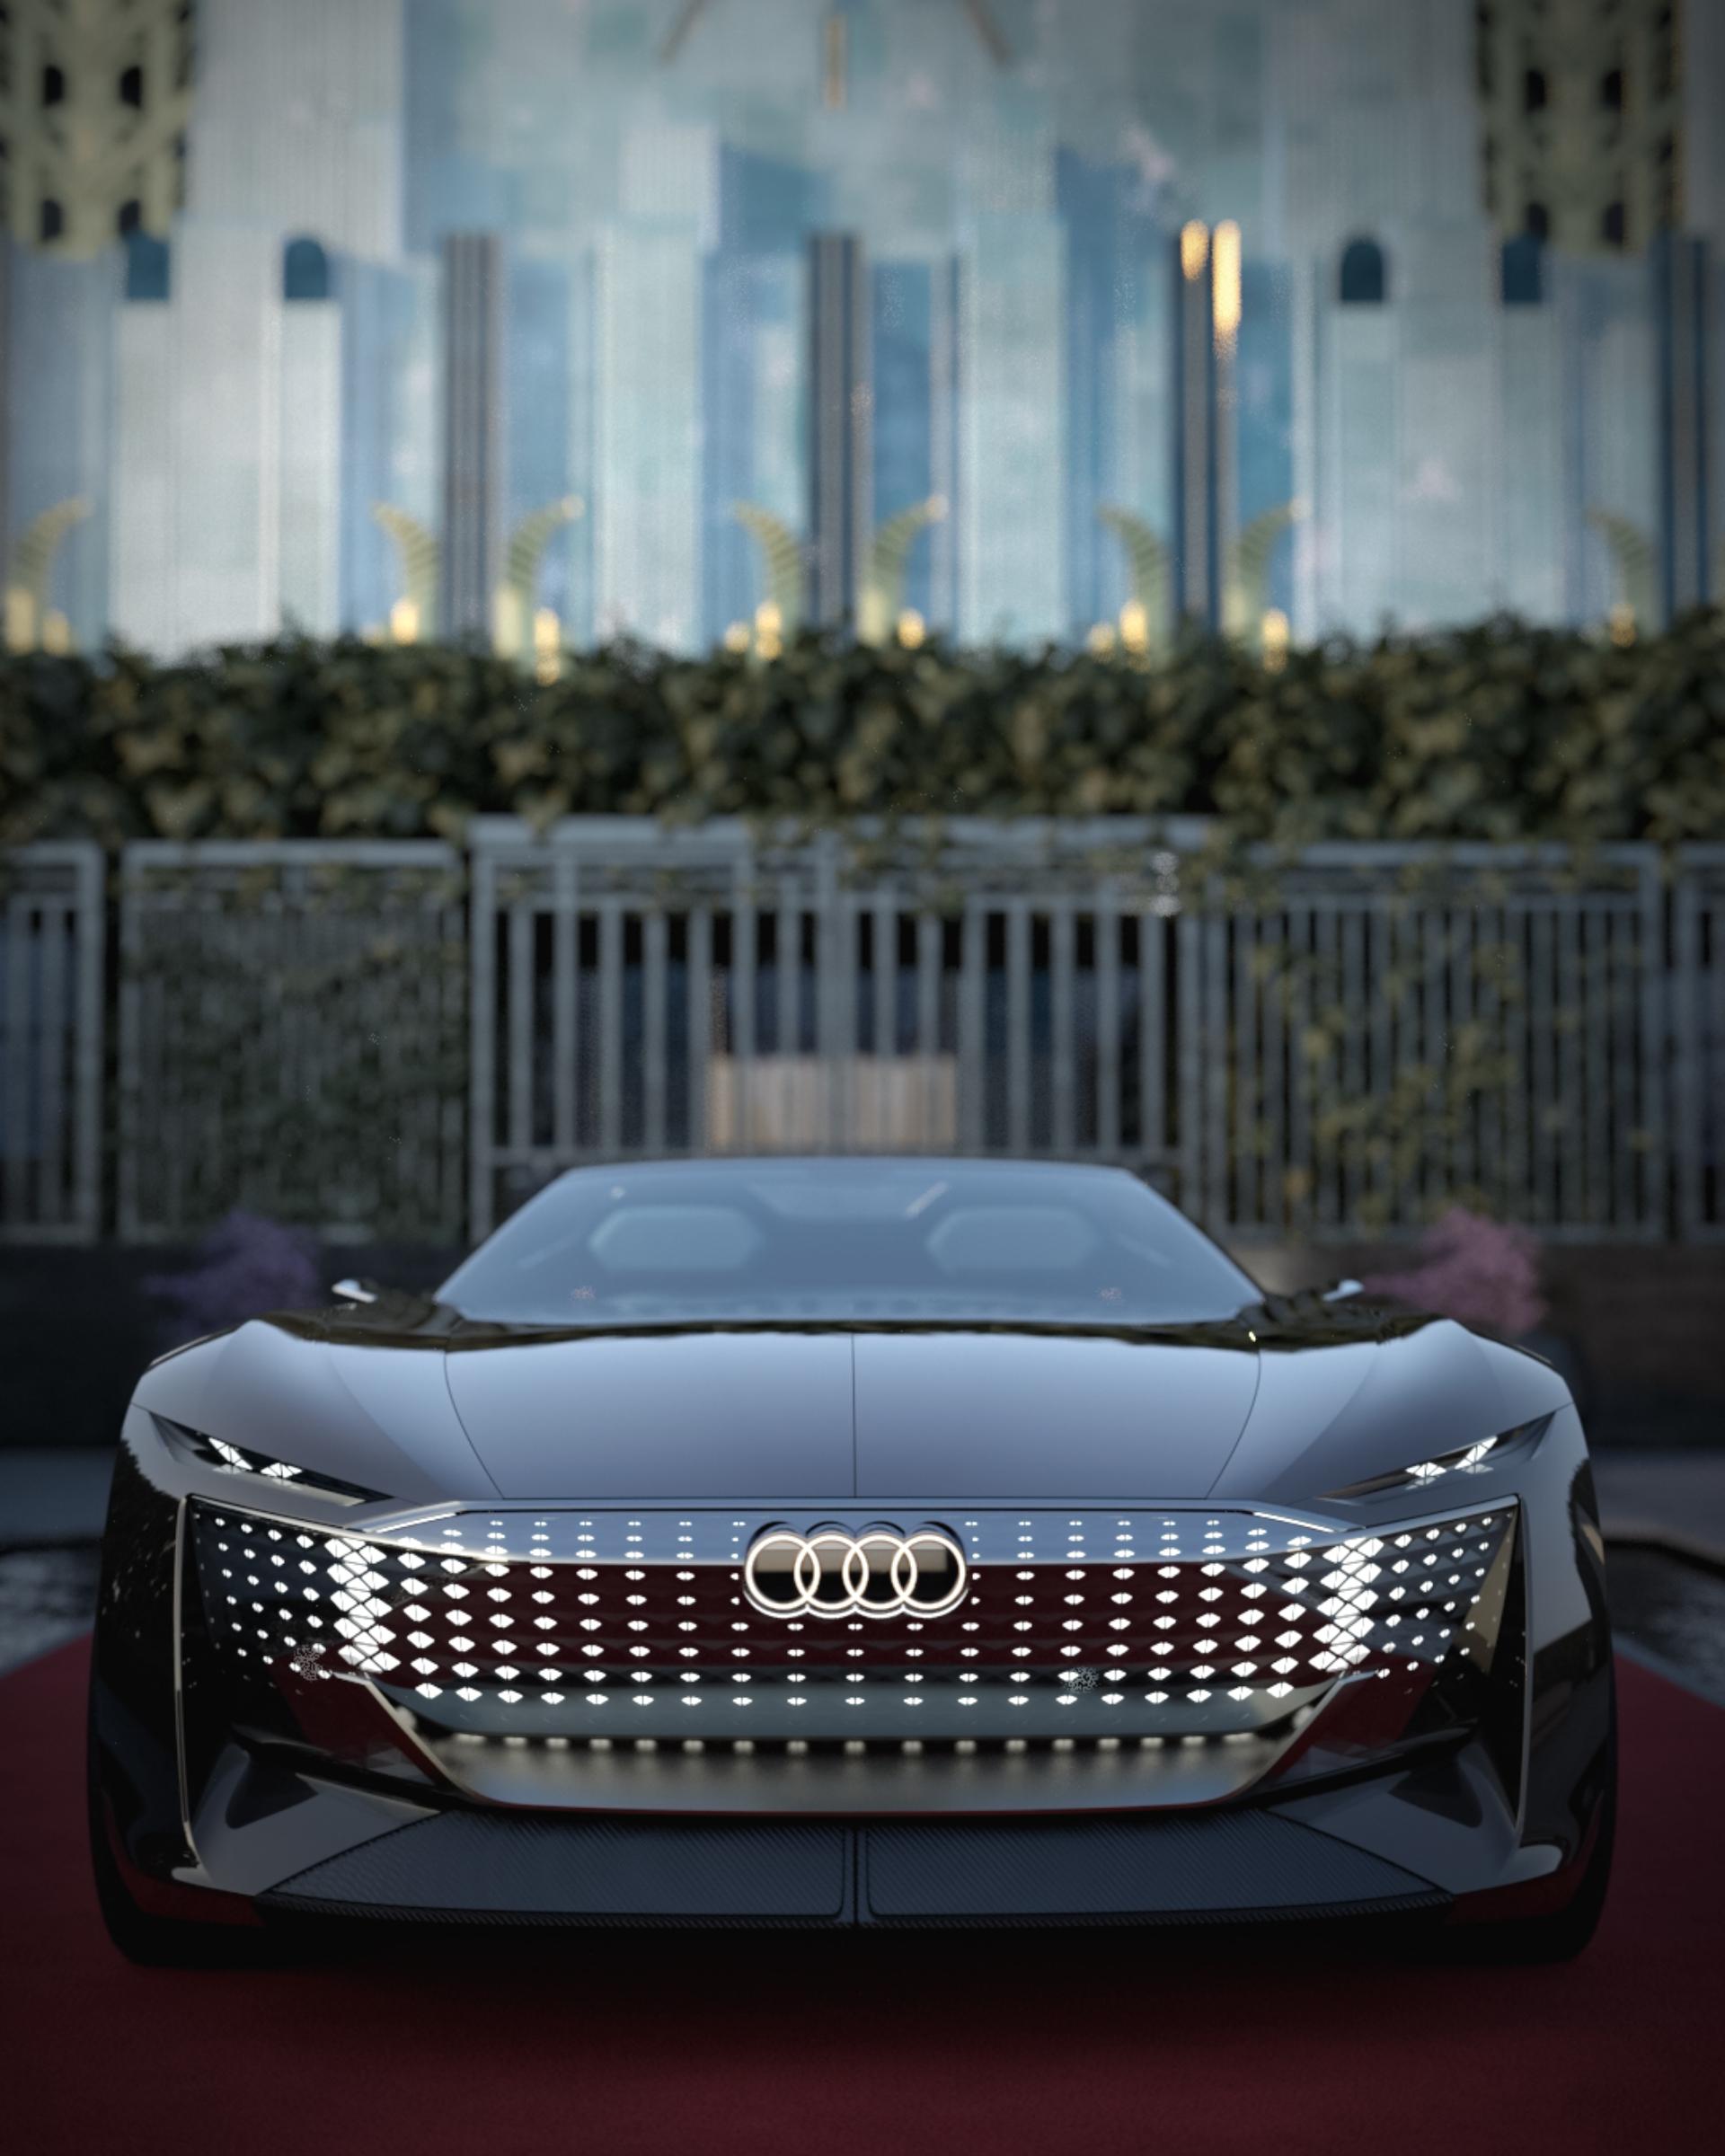 Audi skysphere concept front